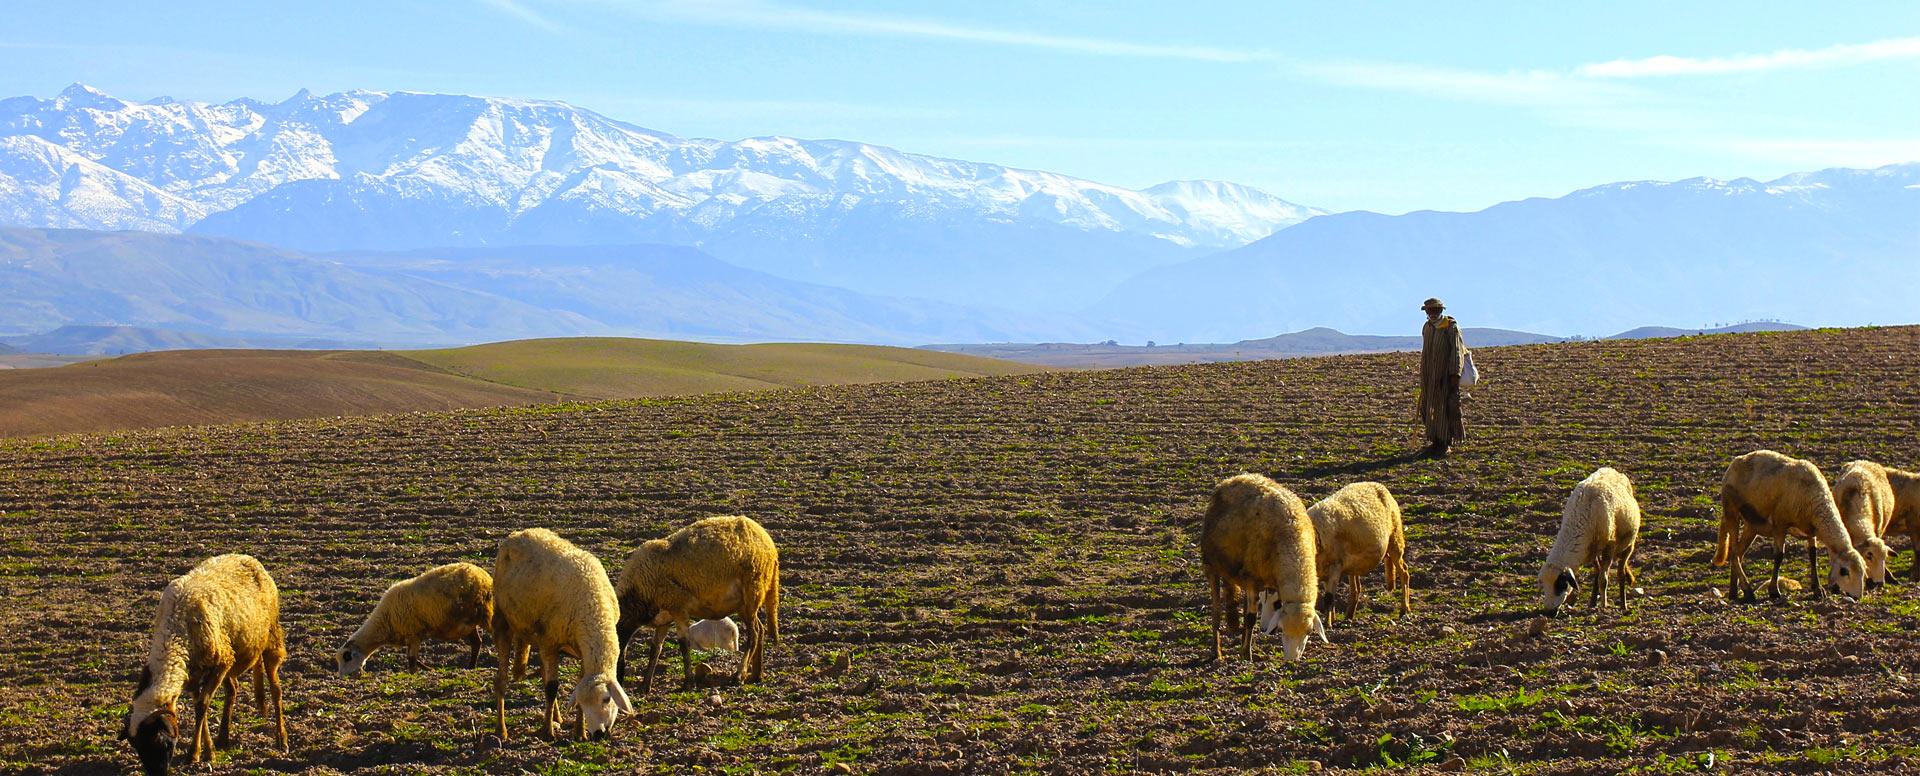 8. Take an excursion to the Atlas Mountains - Marrakech